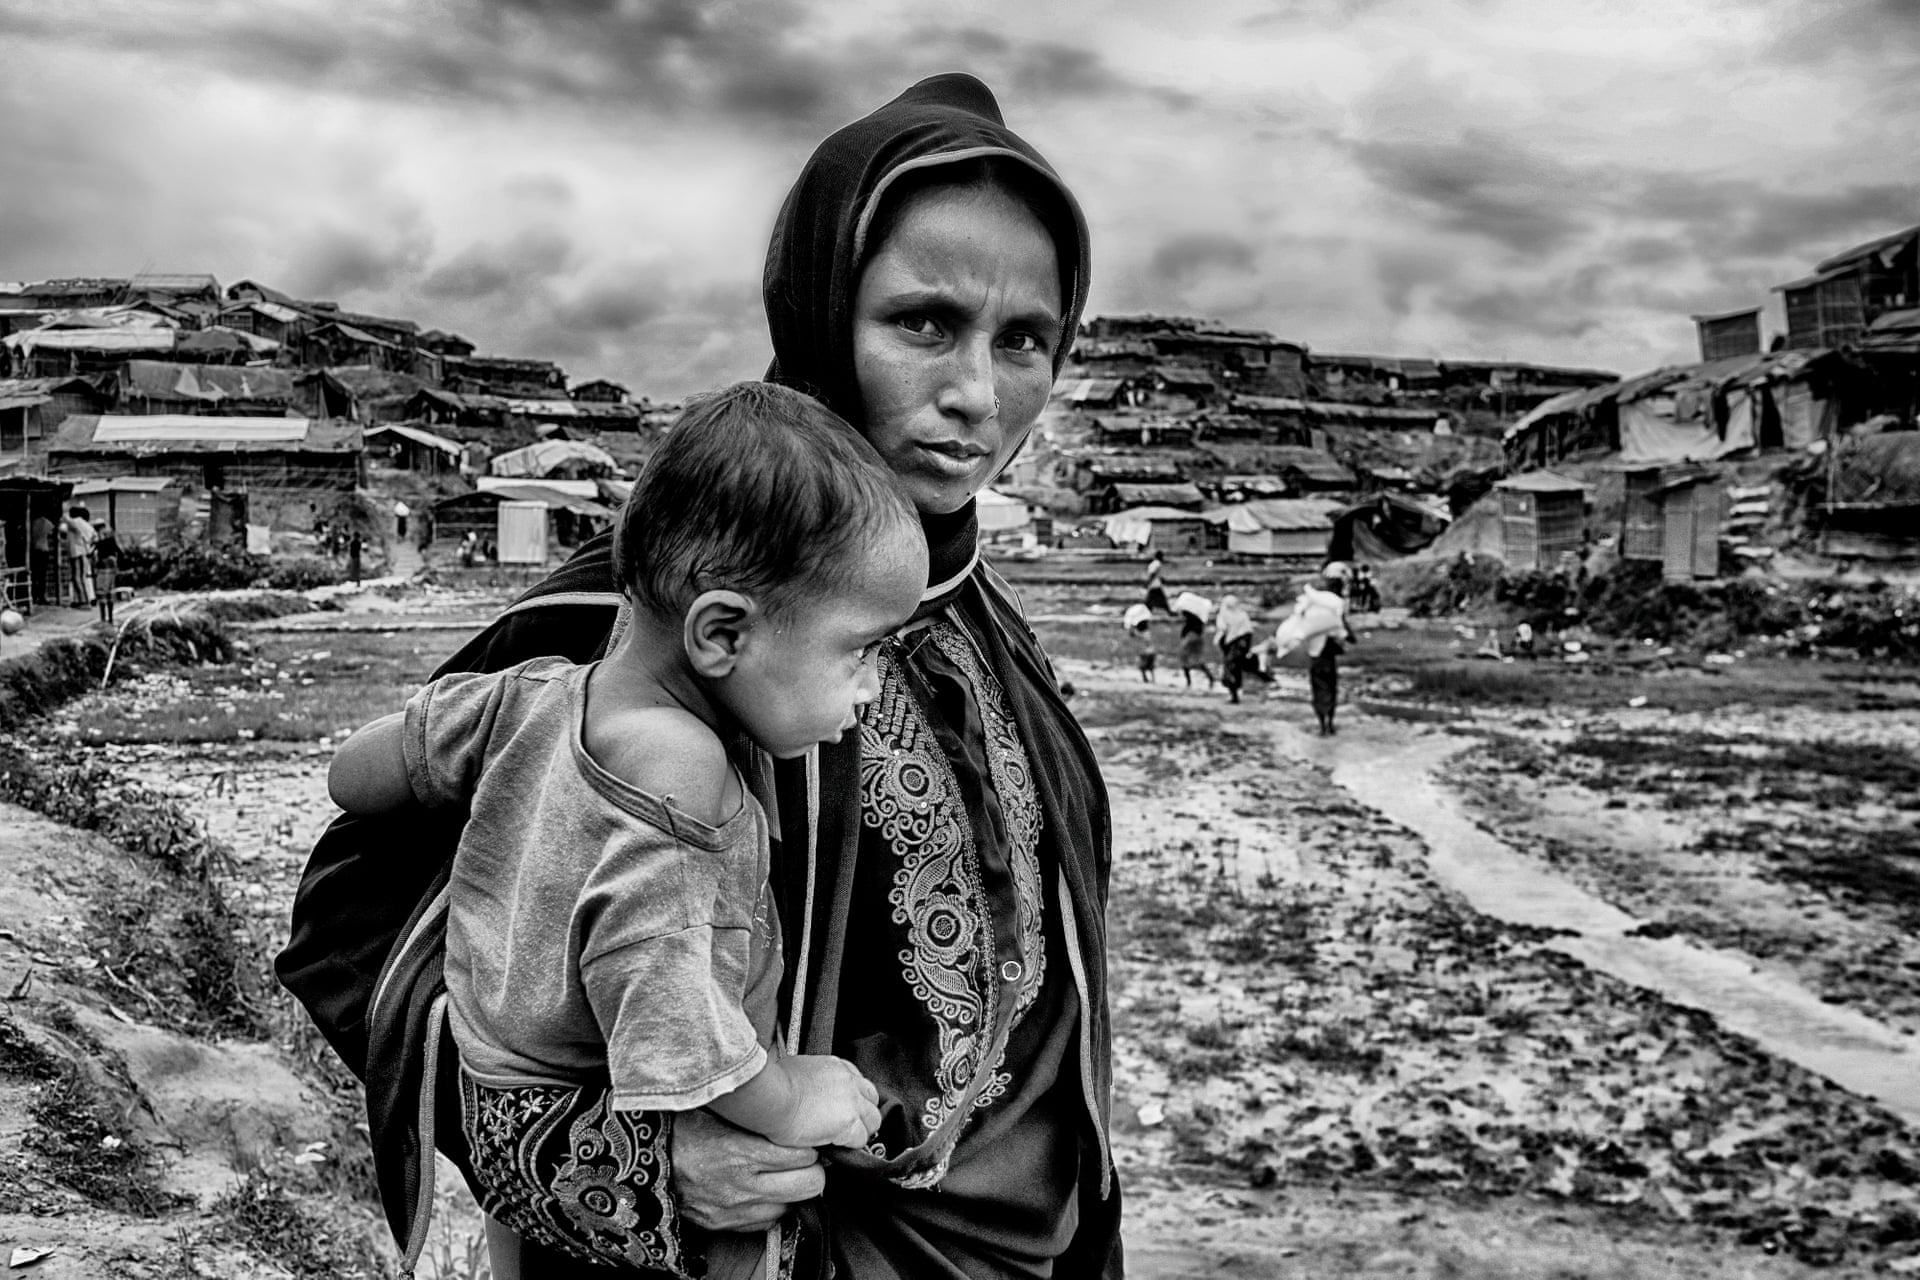 Πρώτη θέση. «Μητέρα». Μητέρα και παιδί Ροχίνγκια σε στρατόπεδο προσφύγων στο Κοξ Μπαζάρ του Μπαγκλαντές. Περισσότεροι από 750.000 Ροχίνγκια έχουν περάσει τα σύνορα του Μπαγκλαντές προκειμένου να ξεφύγουν από τη βία του στρατού της Μιανμάρ κατά της μουσουλμανικής μειονότητας